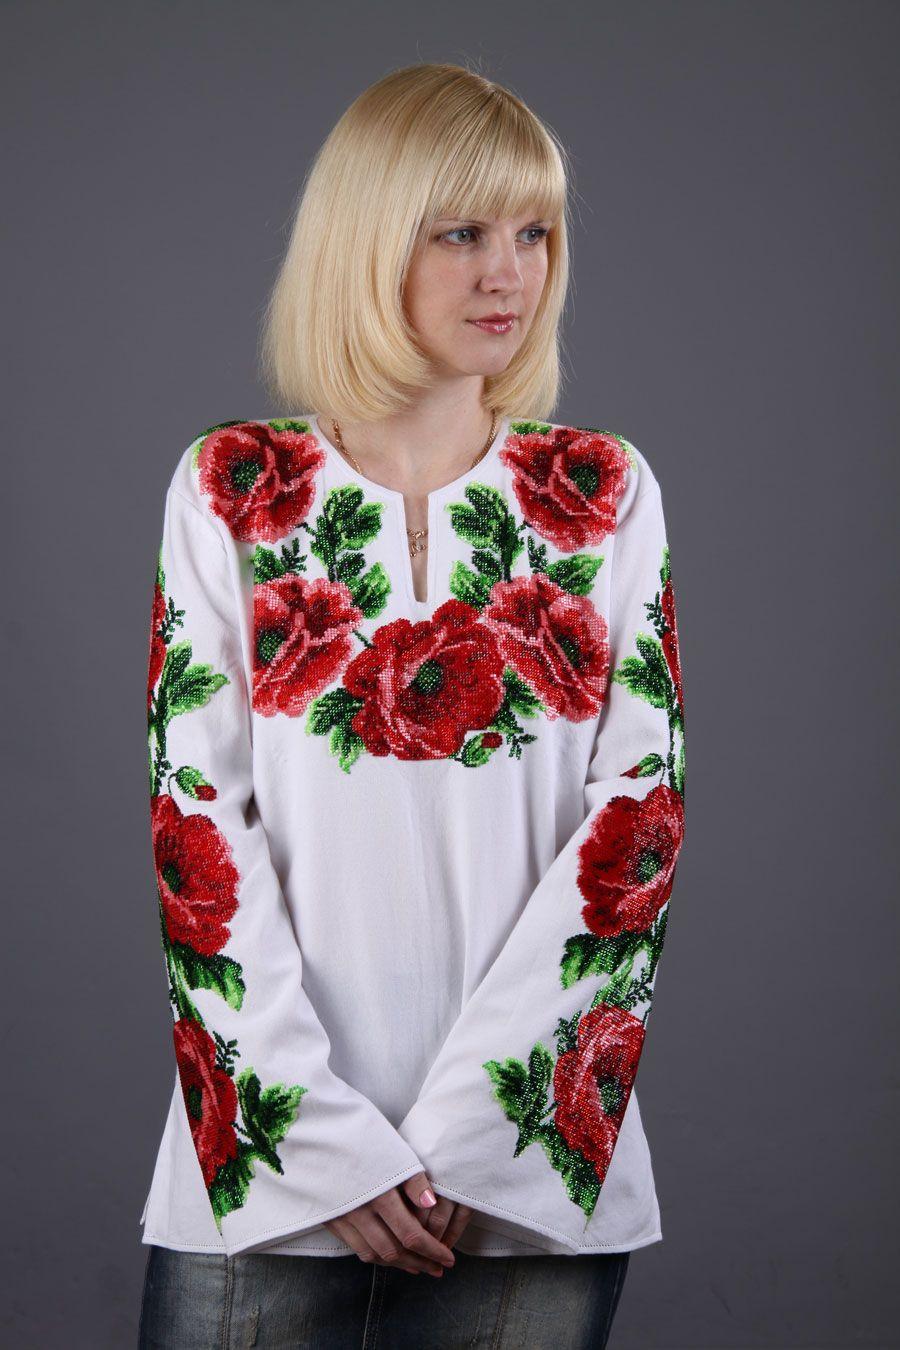 схемы выкройка вышивка сорочки мужской украинской